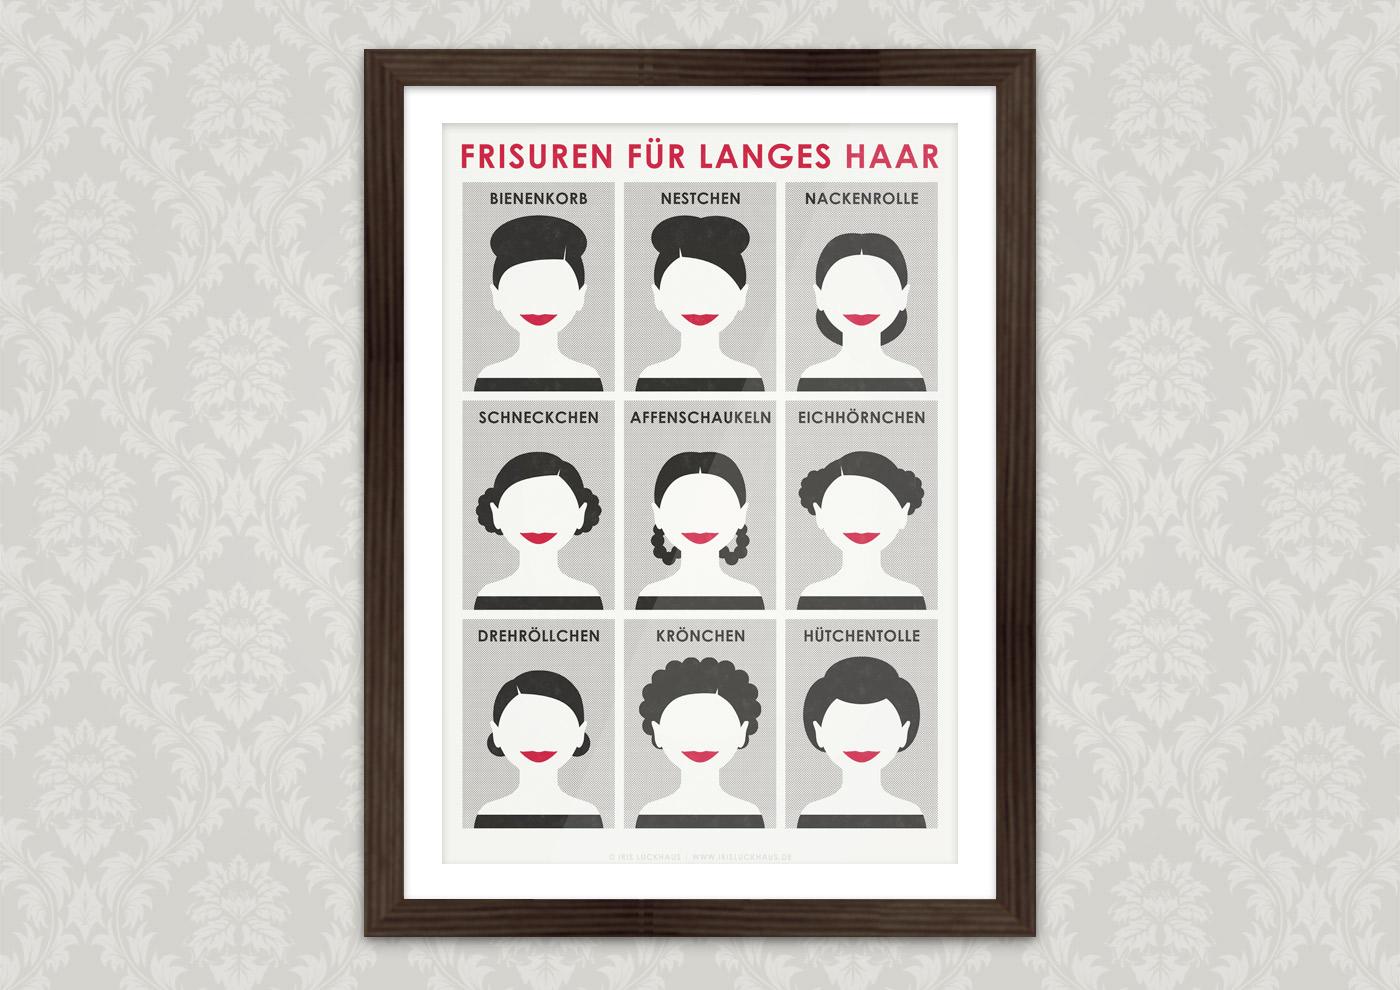 Poster mit Infografik Frisuren für langes Haar